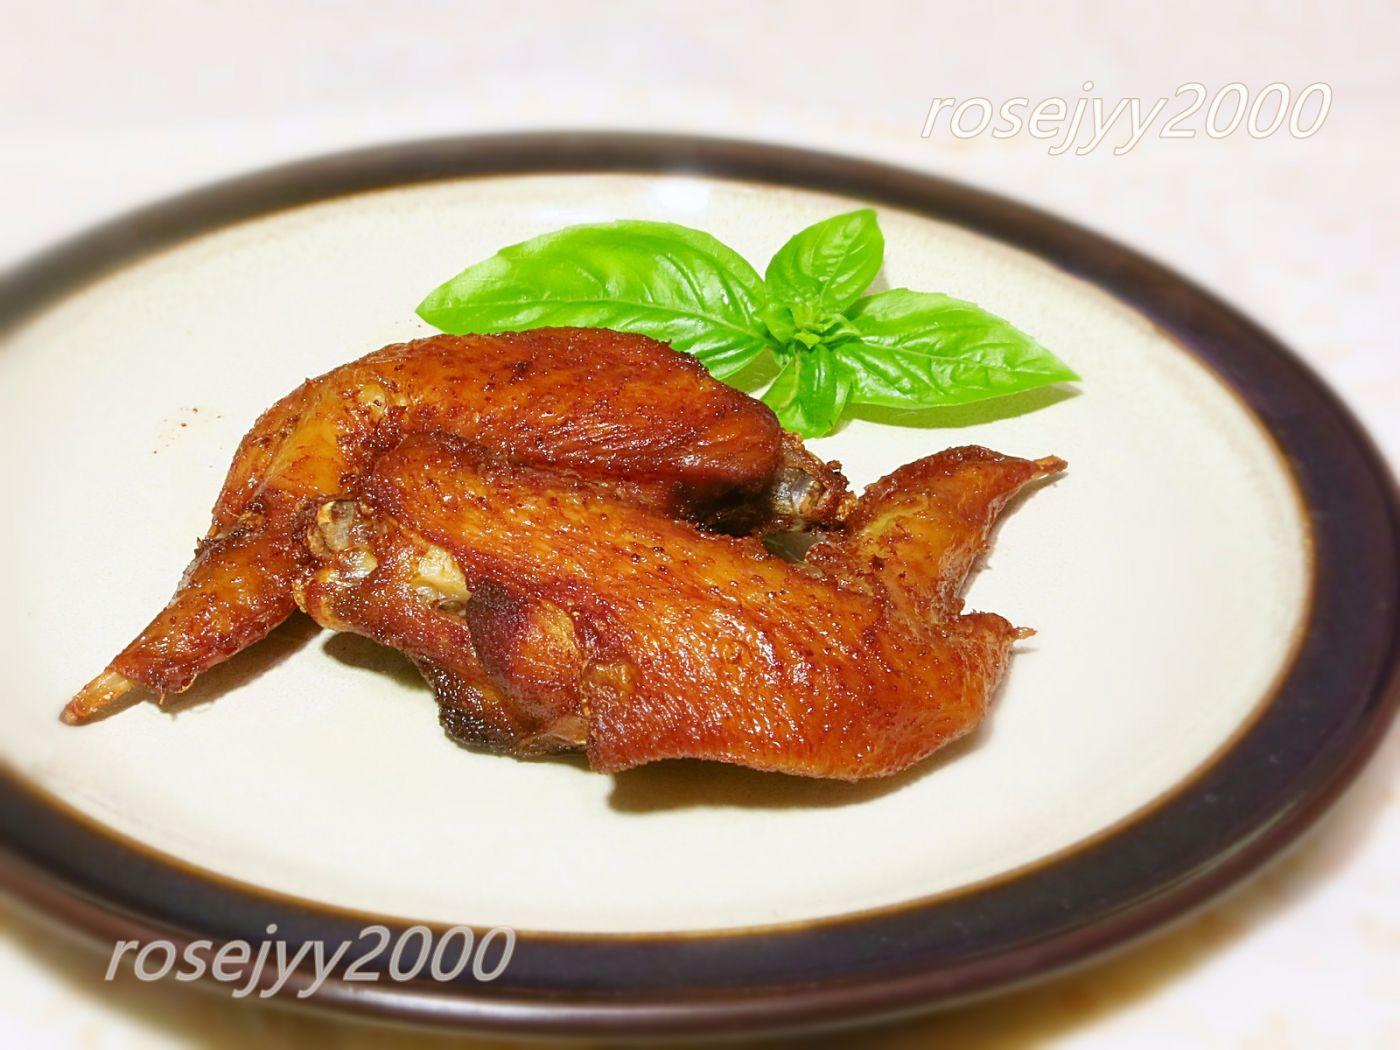 新奥尔良味炸鸡翅_图1-1